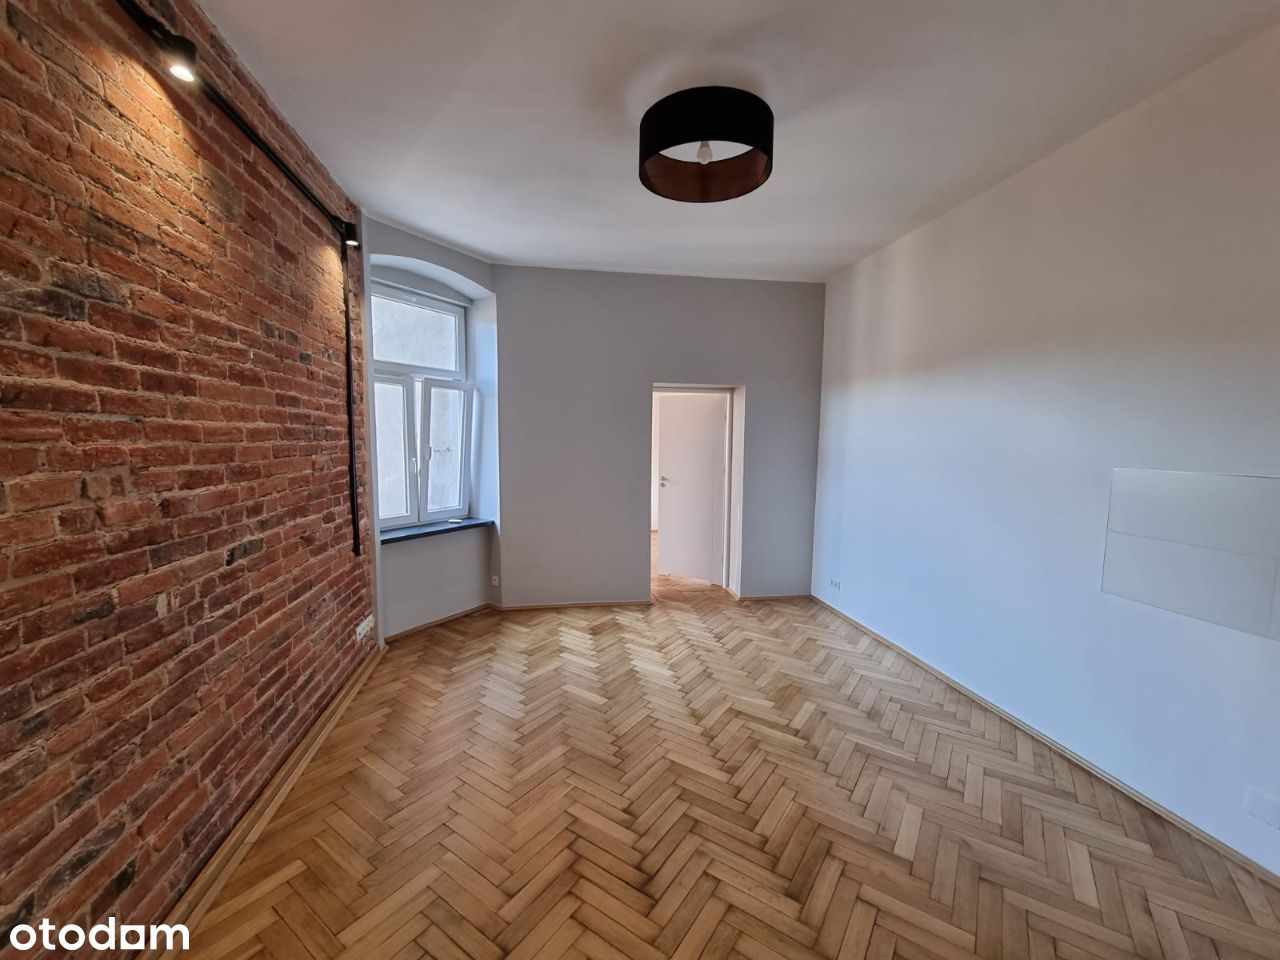 2-pok.mieszkanie po gruntownym remoncie w centrum